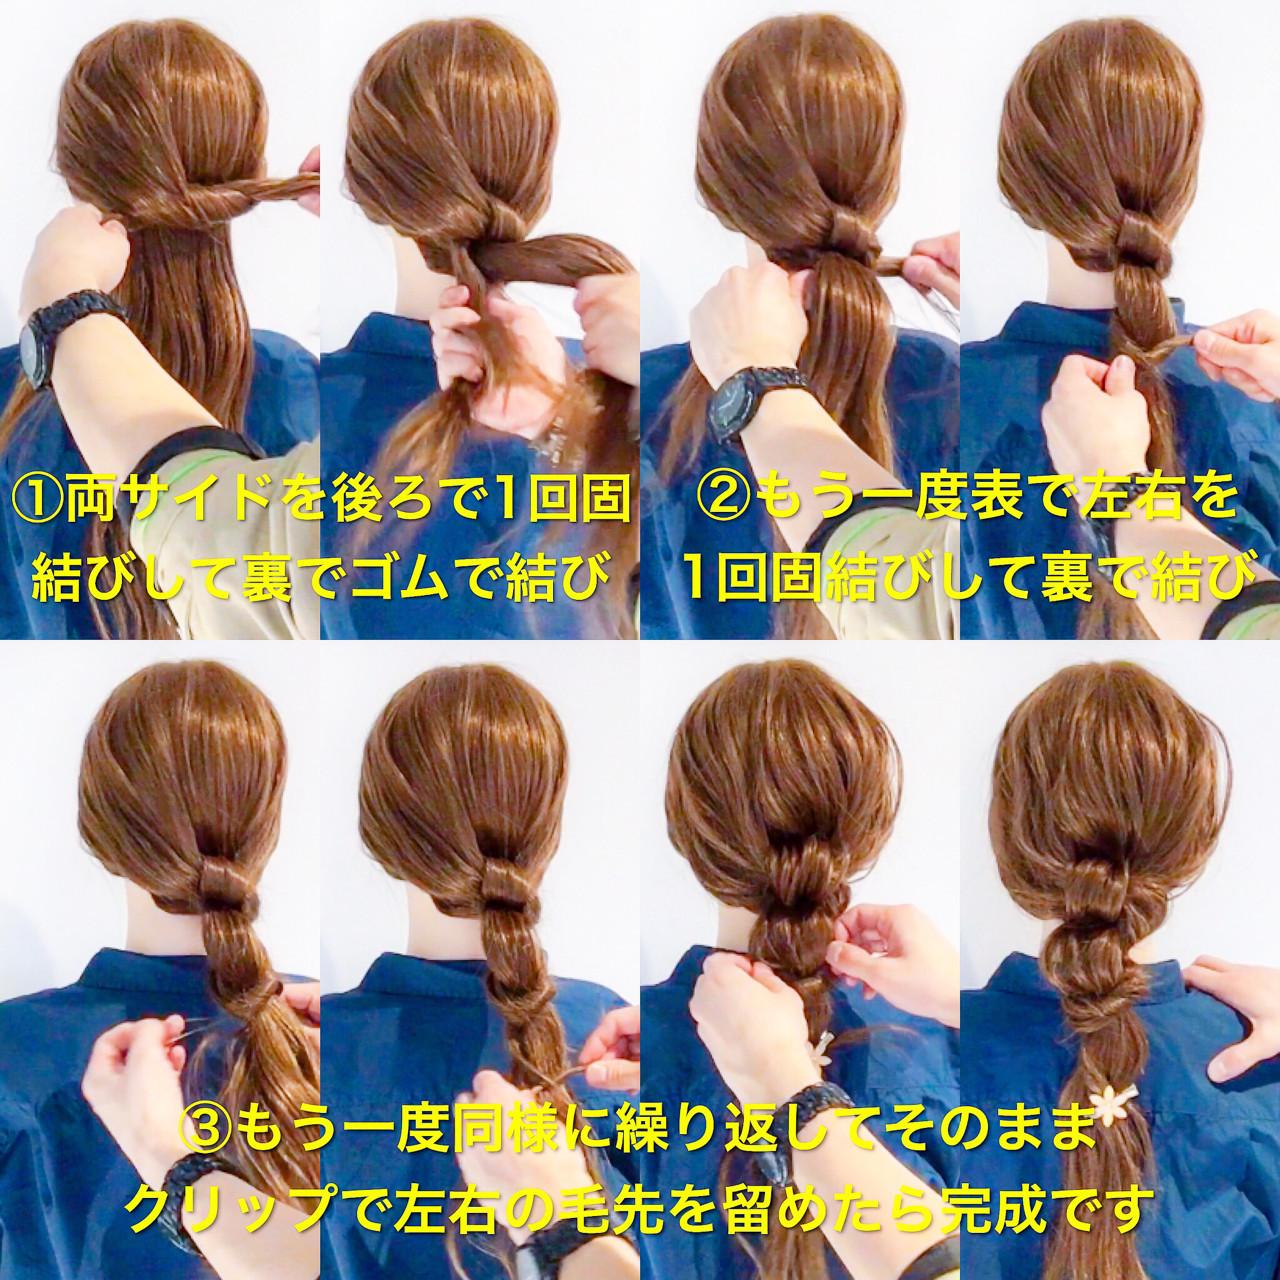 簡単ヘアアレンジ ショート フェミニン オフィス ヘアスタイルや髪型の写真・画像